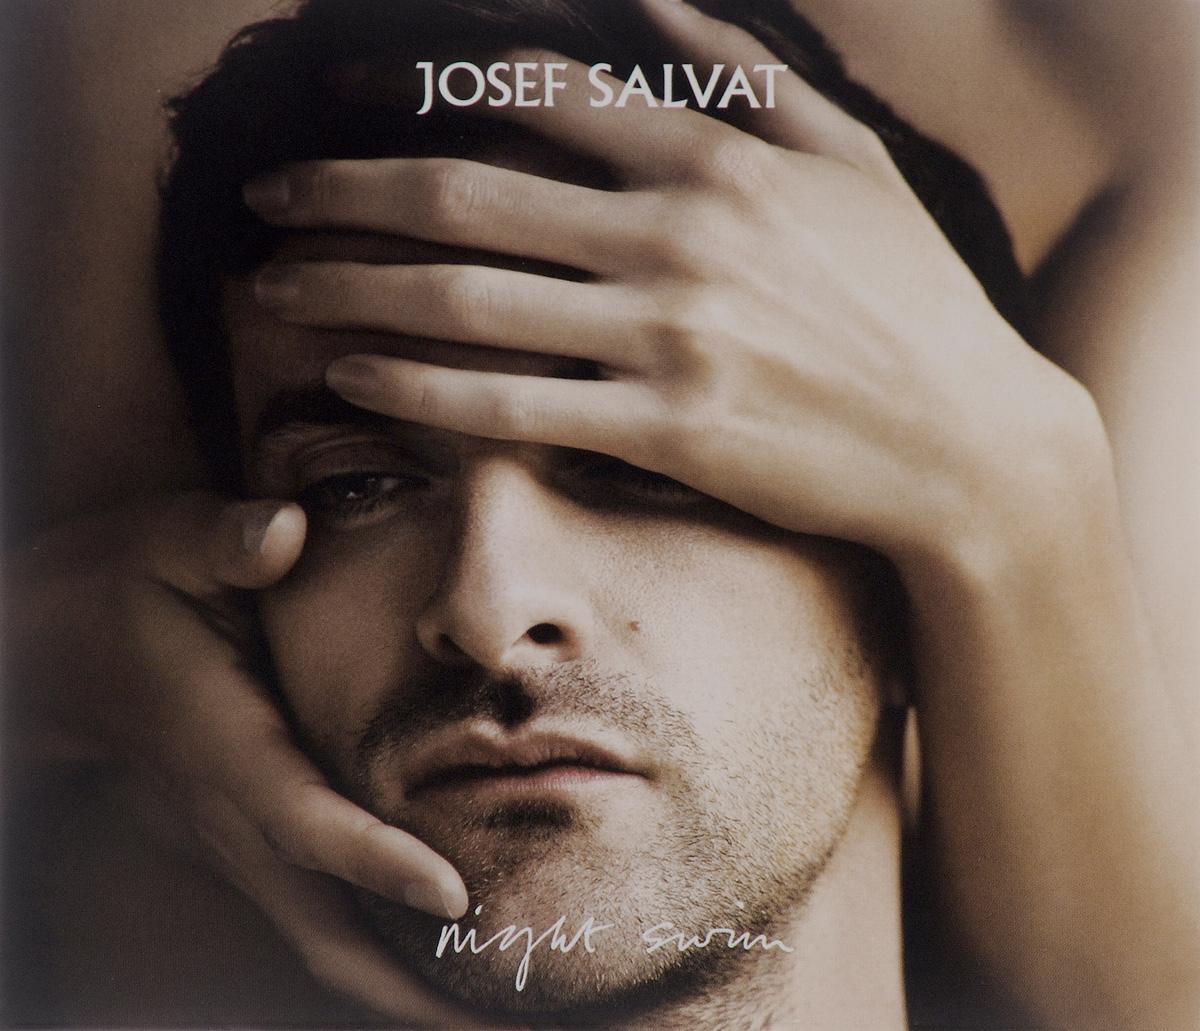 Фото - Josef Salvat Josef Salvat. Night Swim. Deluxe Edition cd led zeppelin ii deluxe edition